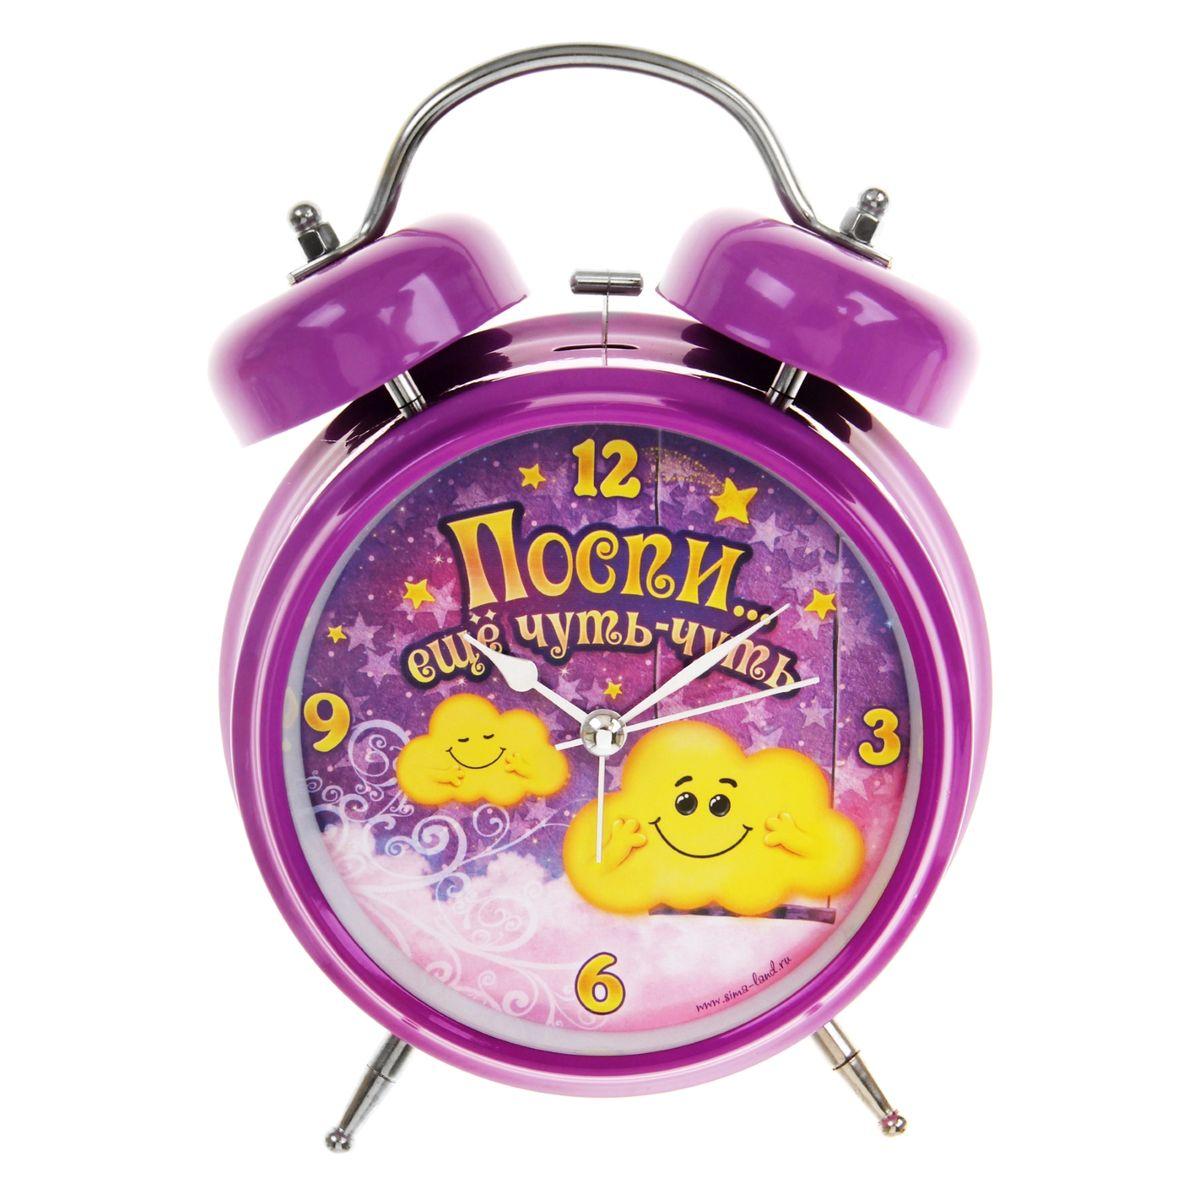 Часы-будильник Sima-land Поспи еще чуть-чутьAJ3400/12Как же сложно иногда вставать вовремя! Всегда так хочется поспать еще хотя бы 5 минут и бывает, что мы просыпаем. Теперь этого не случится! Яркий, оригинальный будильник Sima-land Поспи еще чуть-чуть поможет вам всегда вставать в нужное время и успевать везде и всюду. Такой будильник также станет прекрасным подарком. На задней панели будильника расположены переключатель включения/выключения механизма и два колесика для настройки текущего времени и времени звонка будильника. Также будильник оснащен кнопкой, при нажатии и удержании которой подсвечивается циферблат.Будильник работает от 1 батарейки типа AA напряжением 1,5V (не входит в комплект).